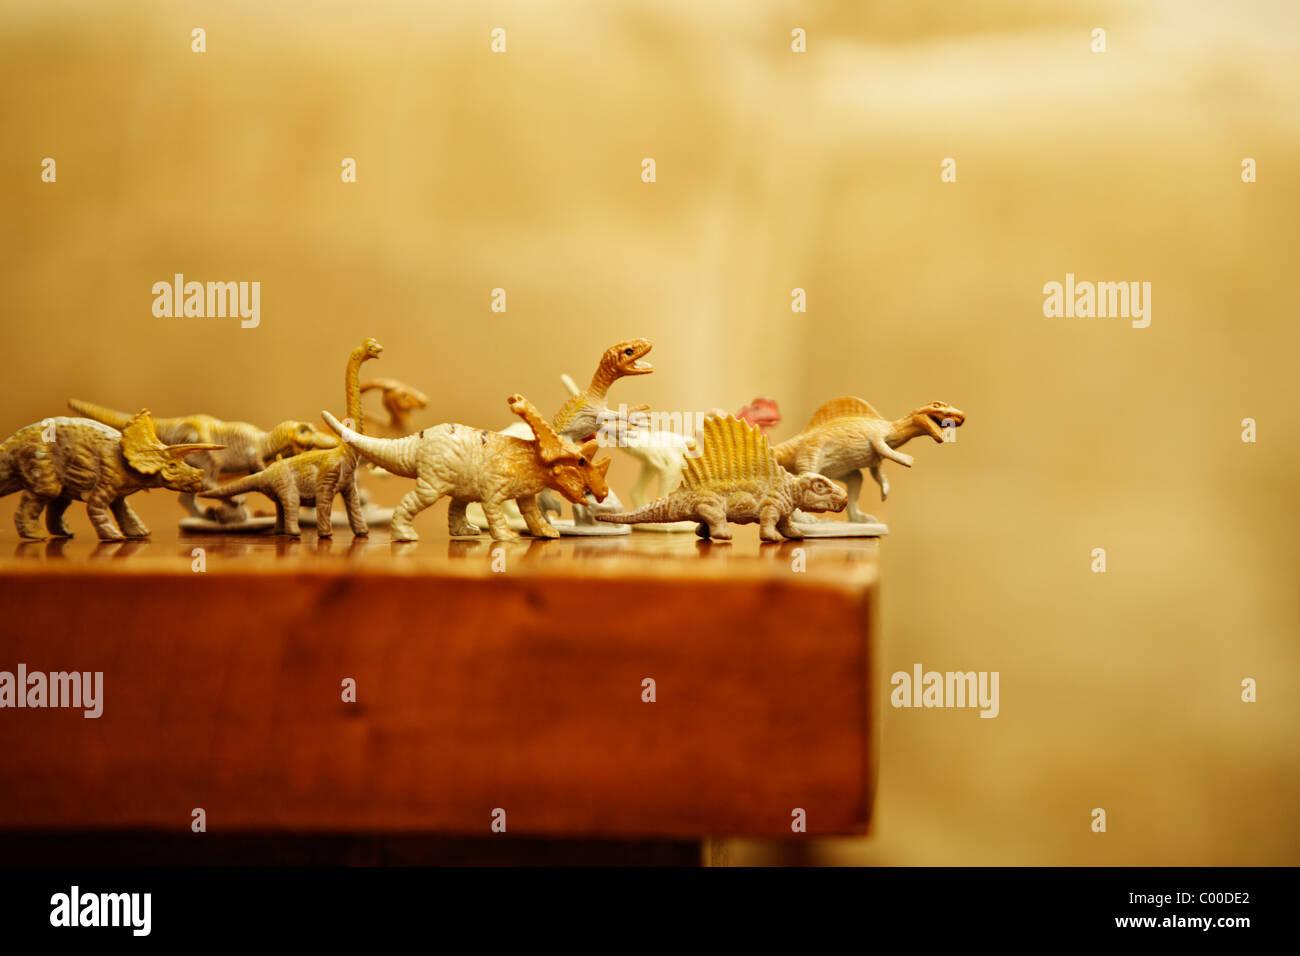 Dinossauros de brinquedo o rush da borda da tabela Imagens de Stock